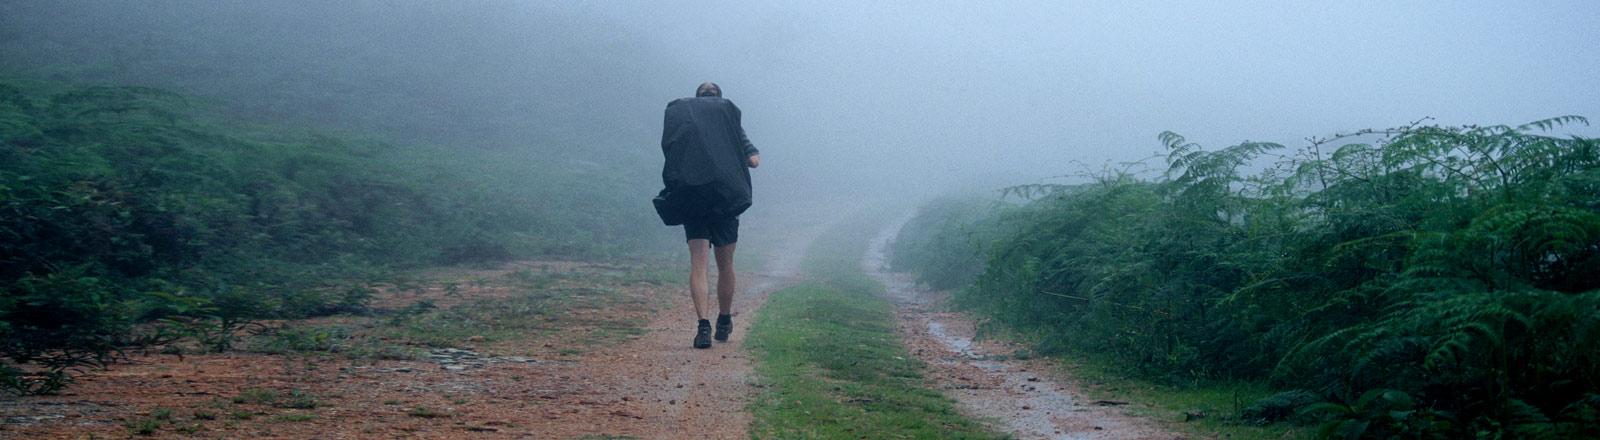 Ein Wanderer im Nebel mit Rucksack.